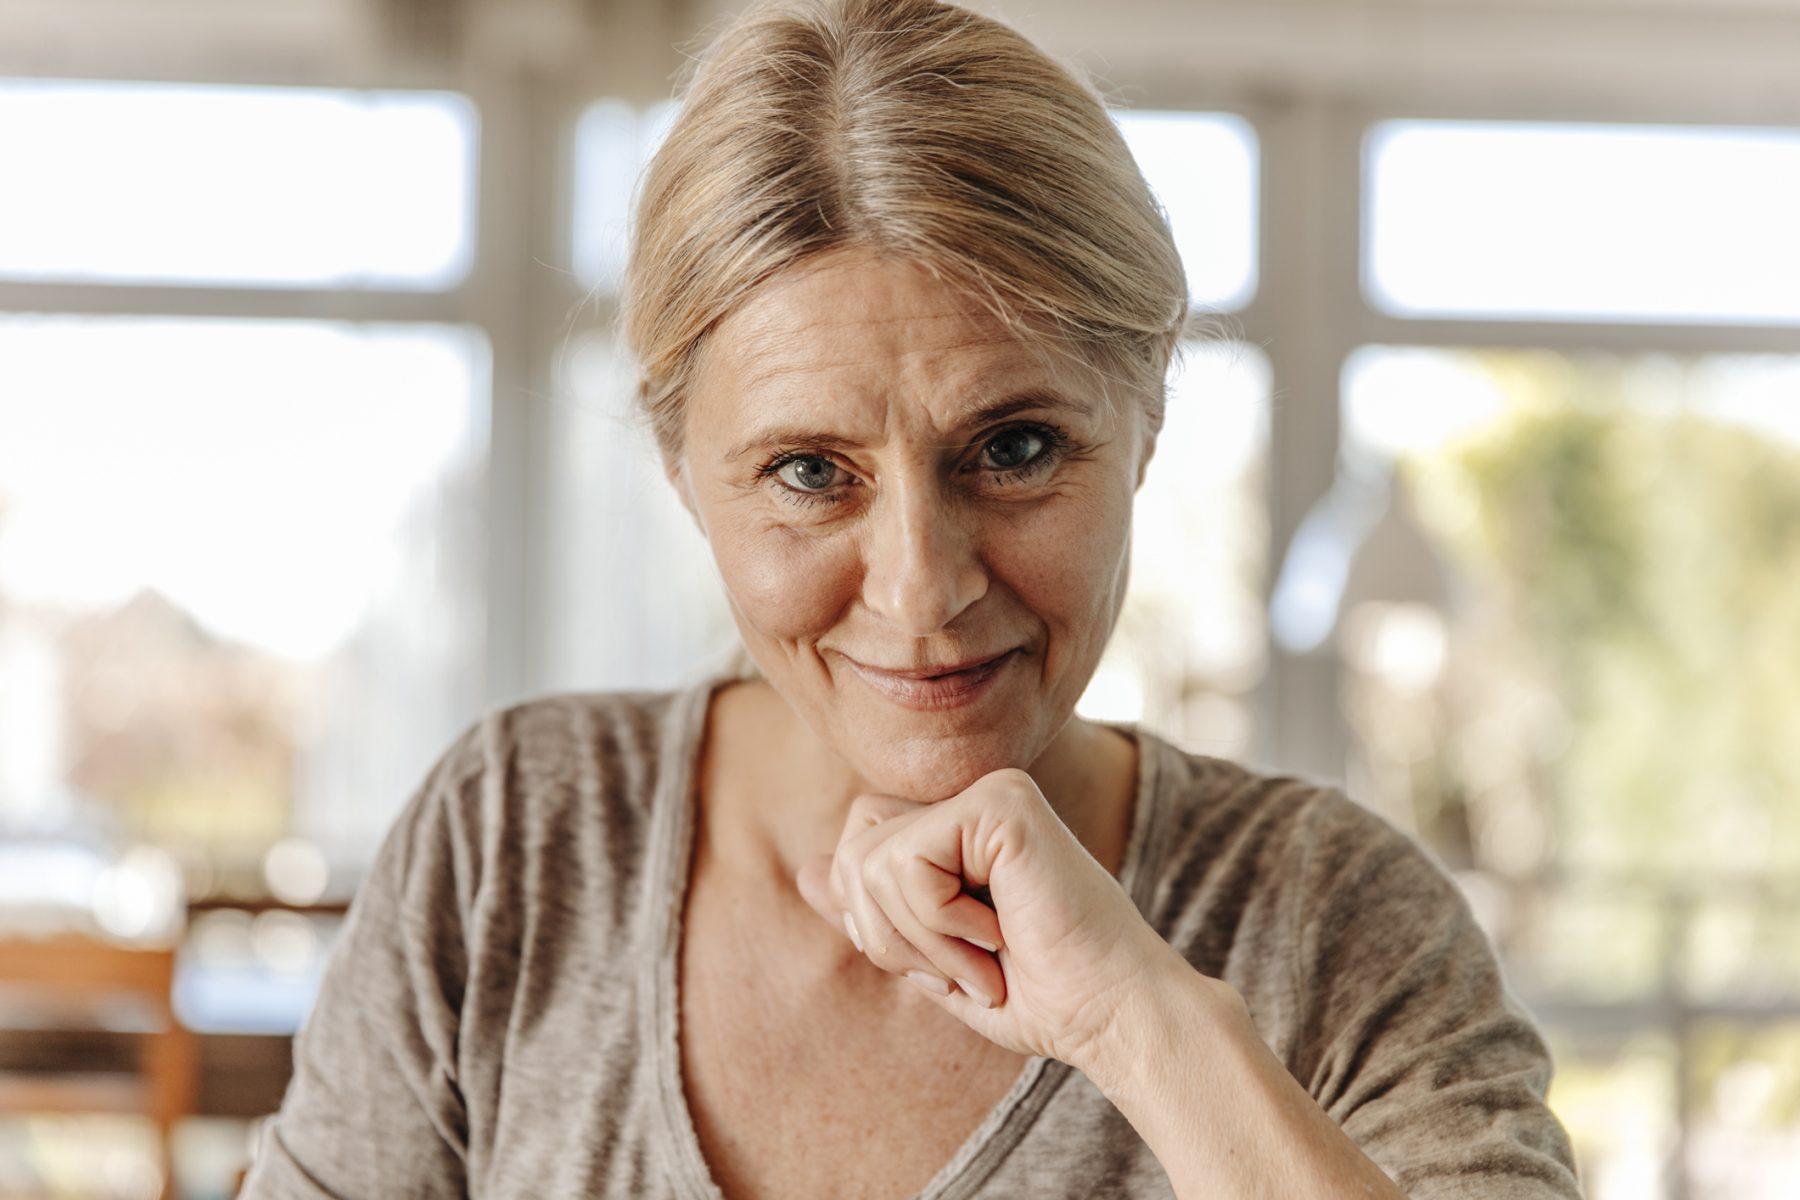 Dag strakke huid, hallo rimpels: drogisterijketen in VS laat vrouwen zien zoals ze zijn